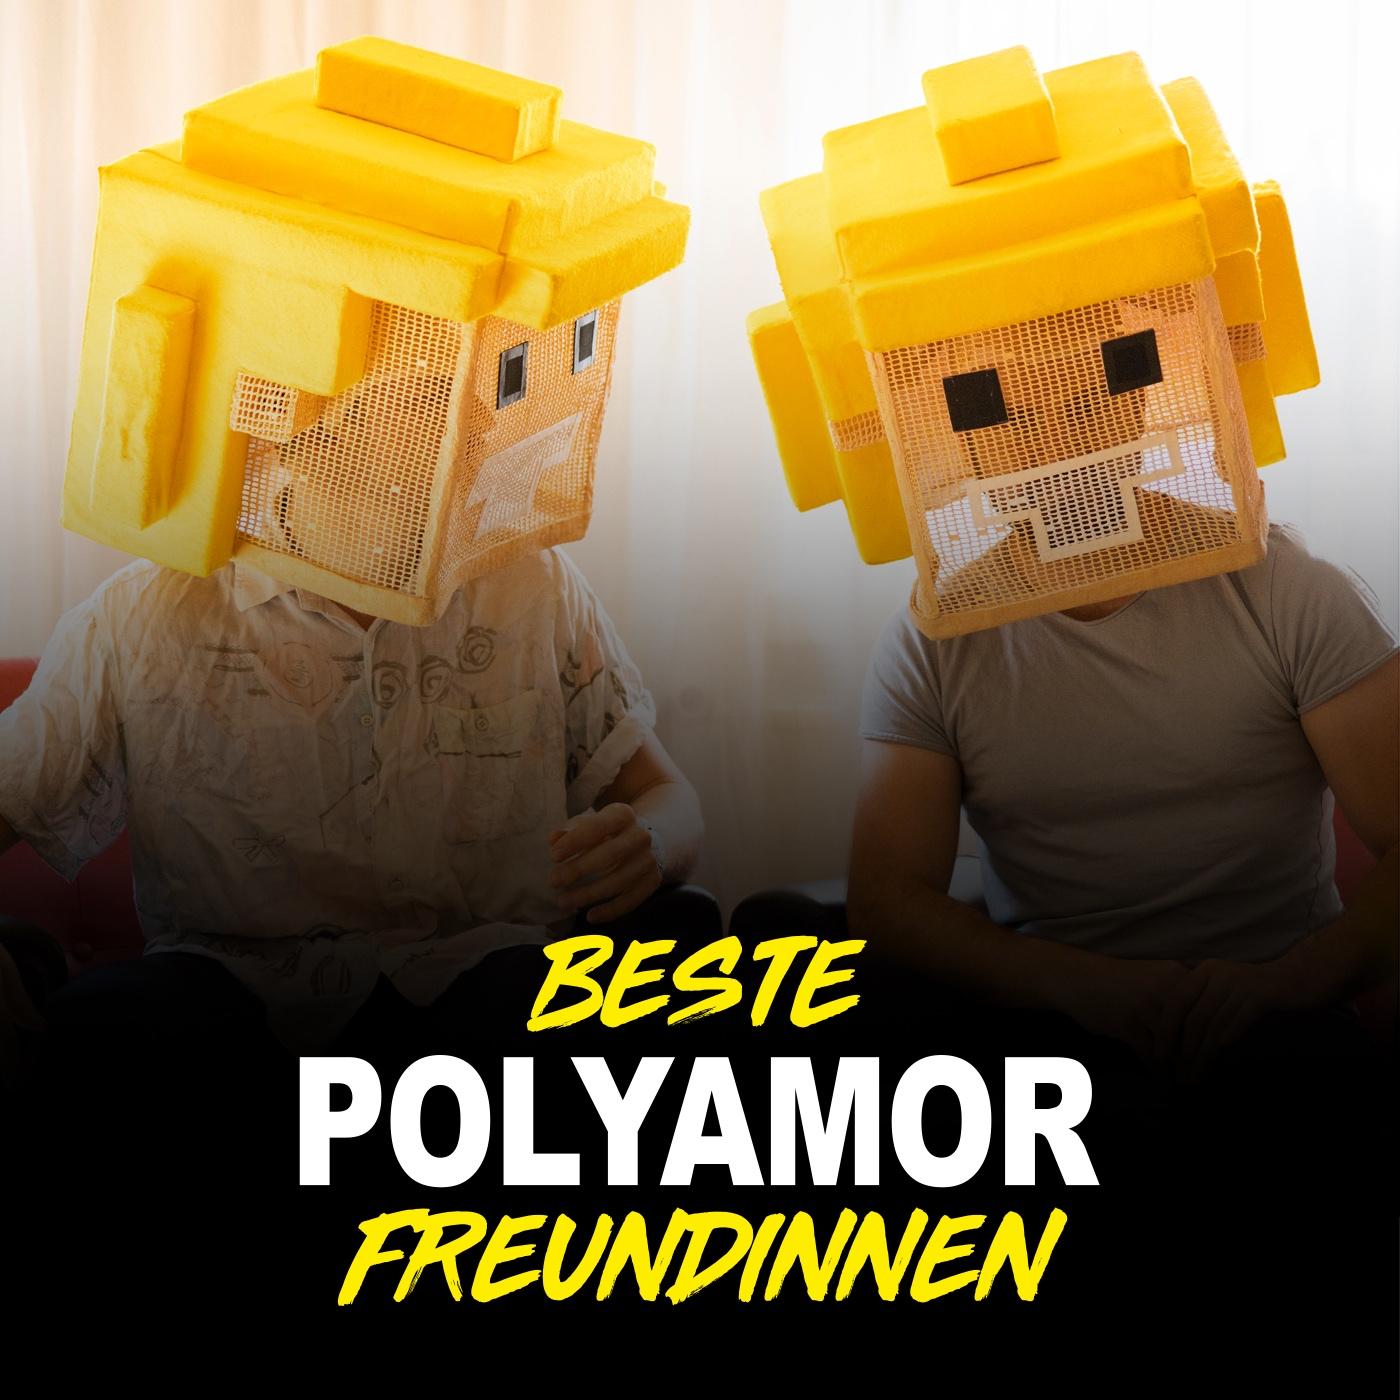 Polyamor